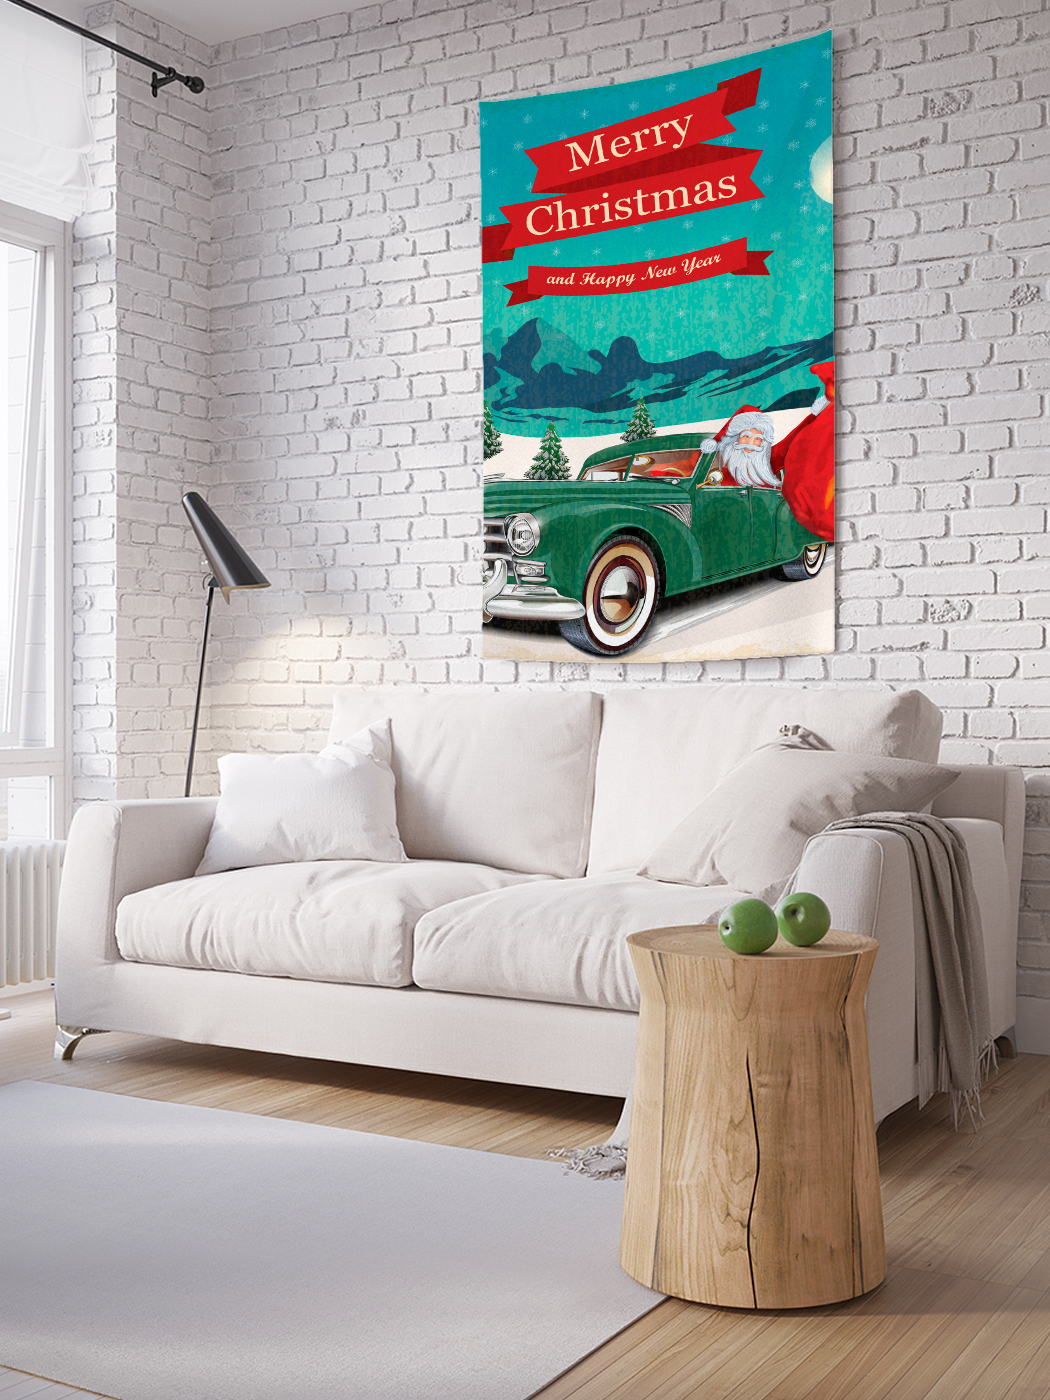 Недорогие постеры на стену в леруа мерлен сцепке между